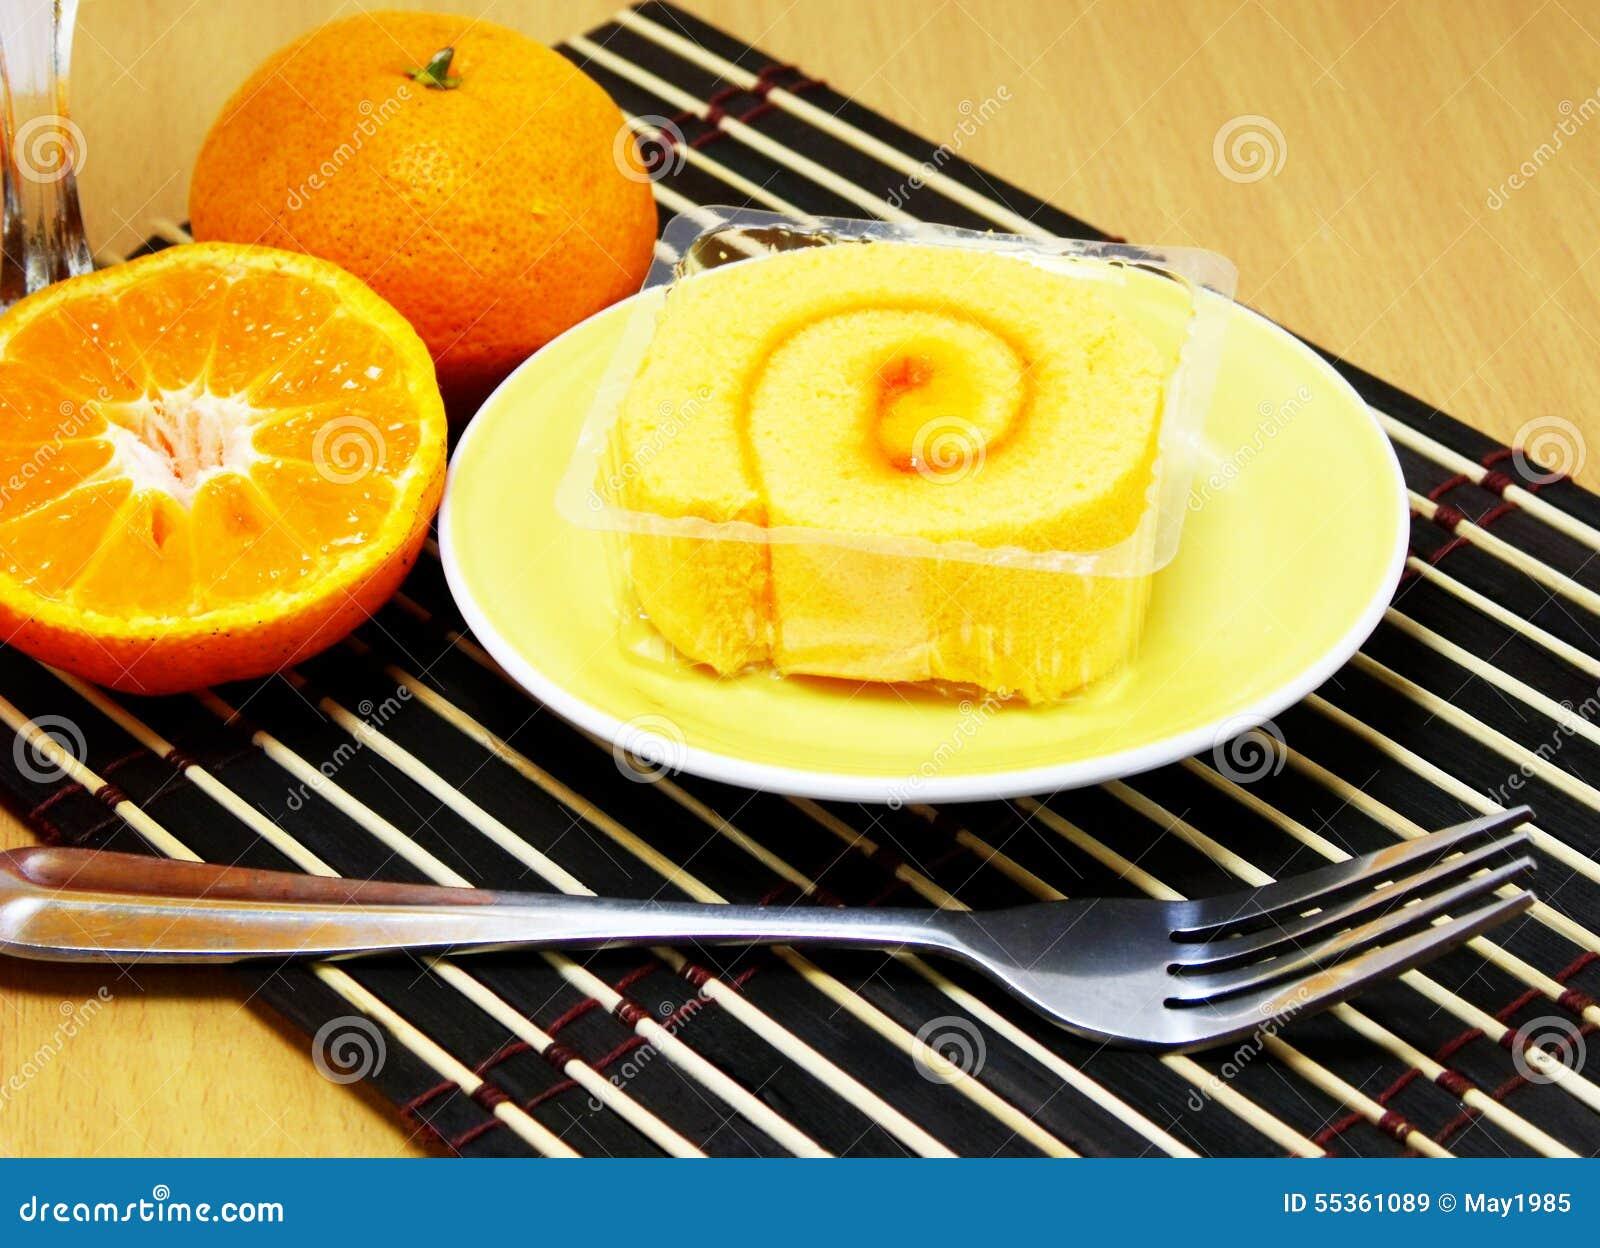 Dolce del rotolo della spugna con la crema arancio del rotolo